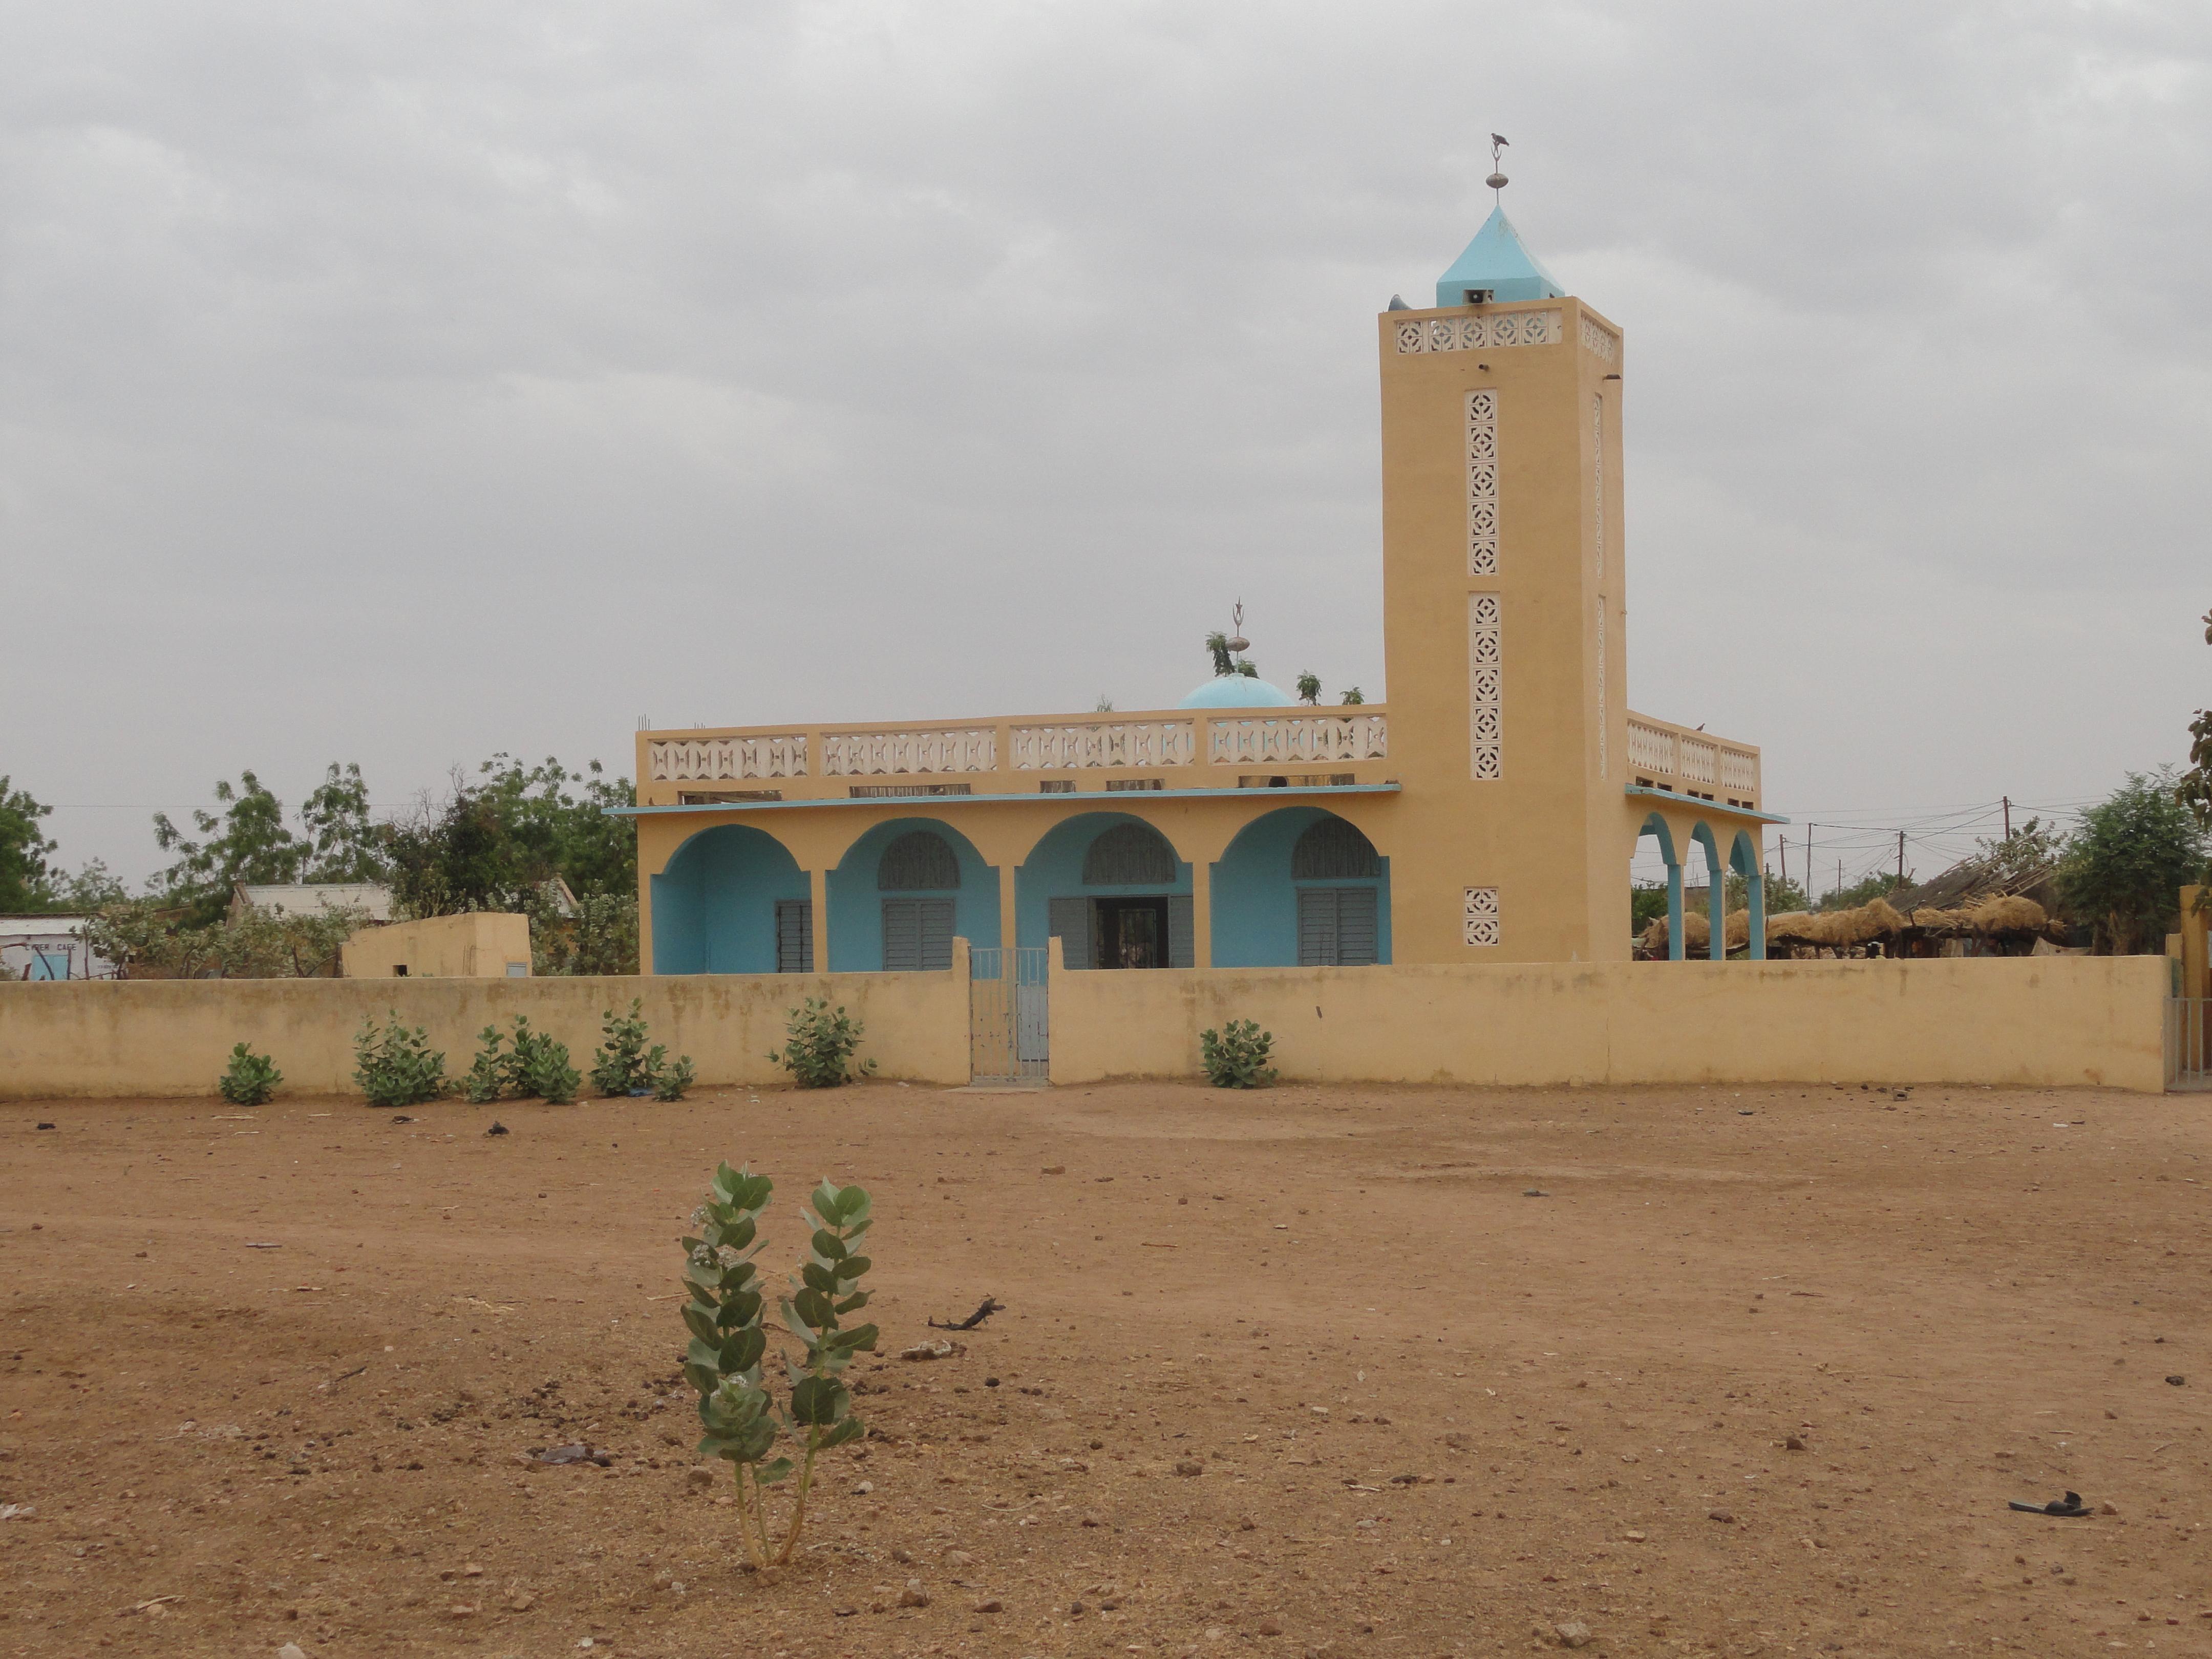 Mbour Sérère, Mosquée, population